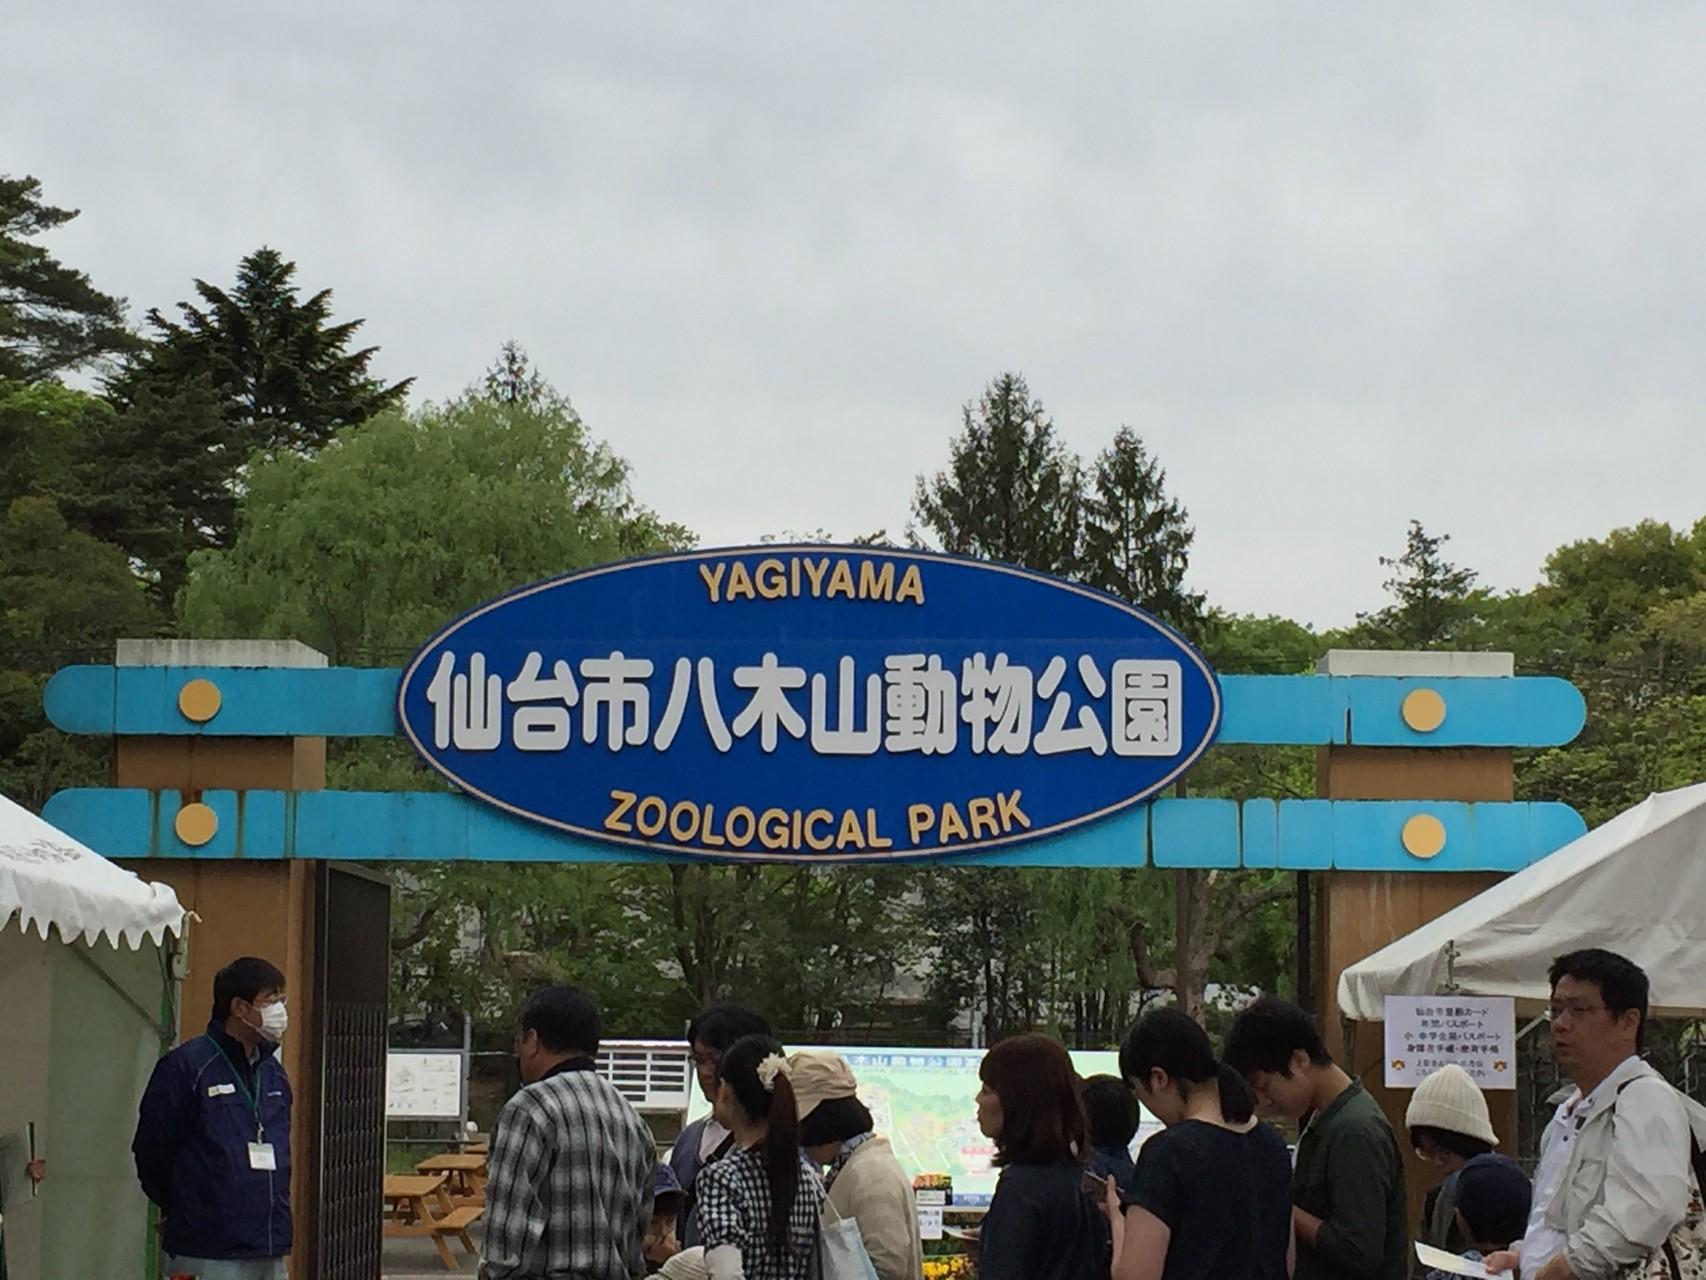 5/5、10数年ぶりの八木山動物園、仙台駅からシャトルバスで!